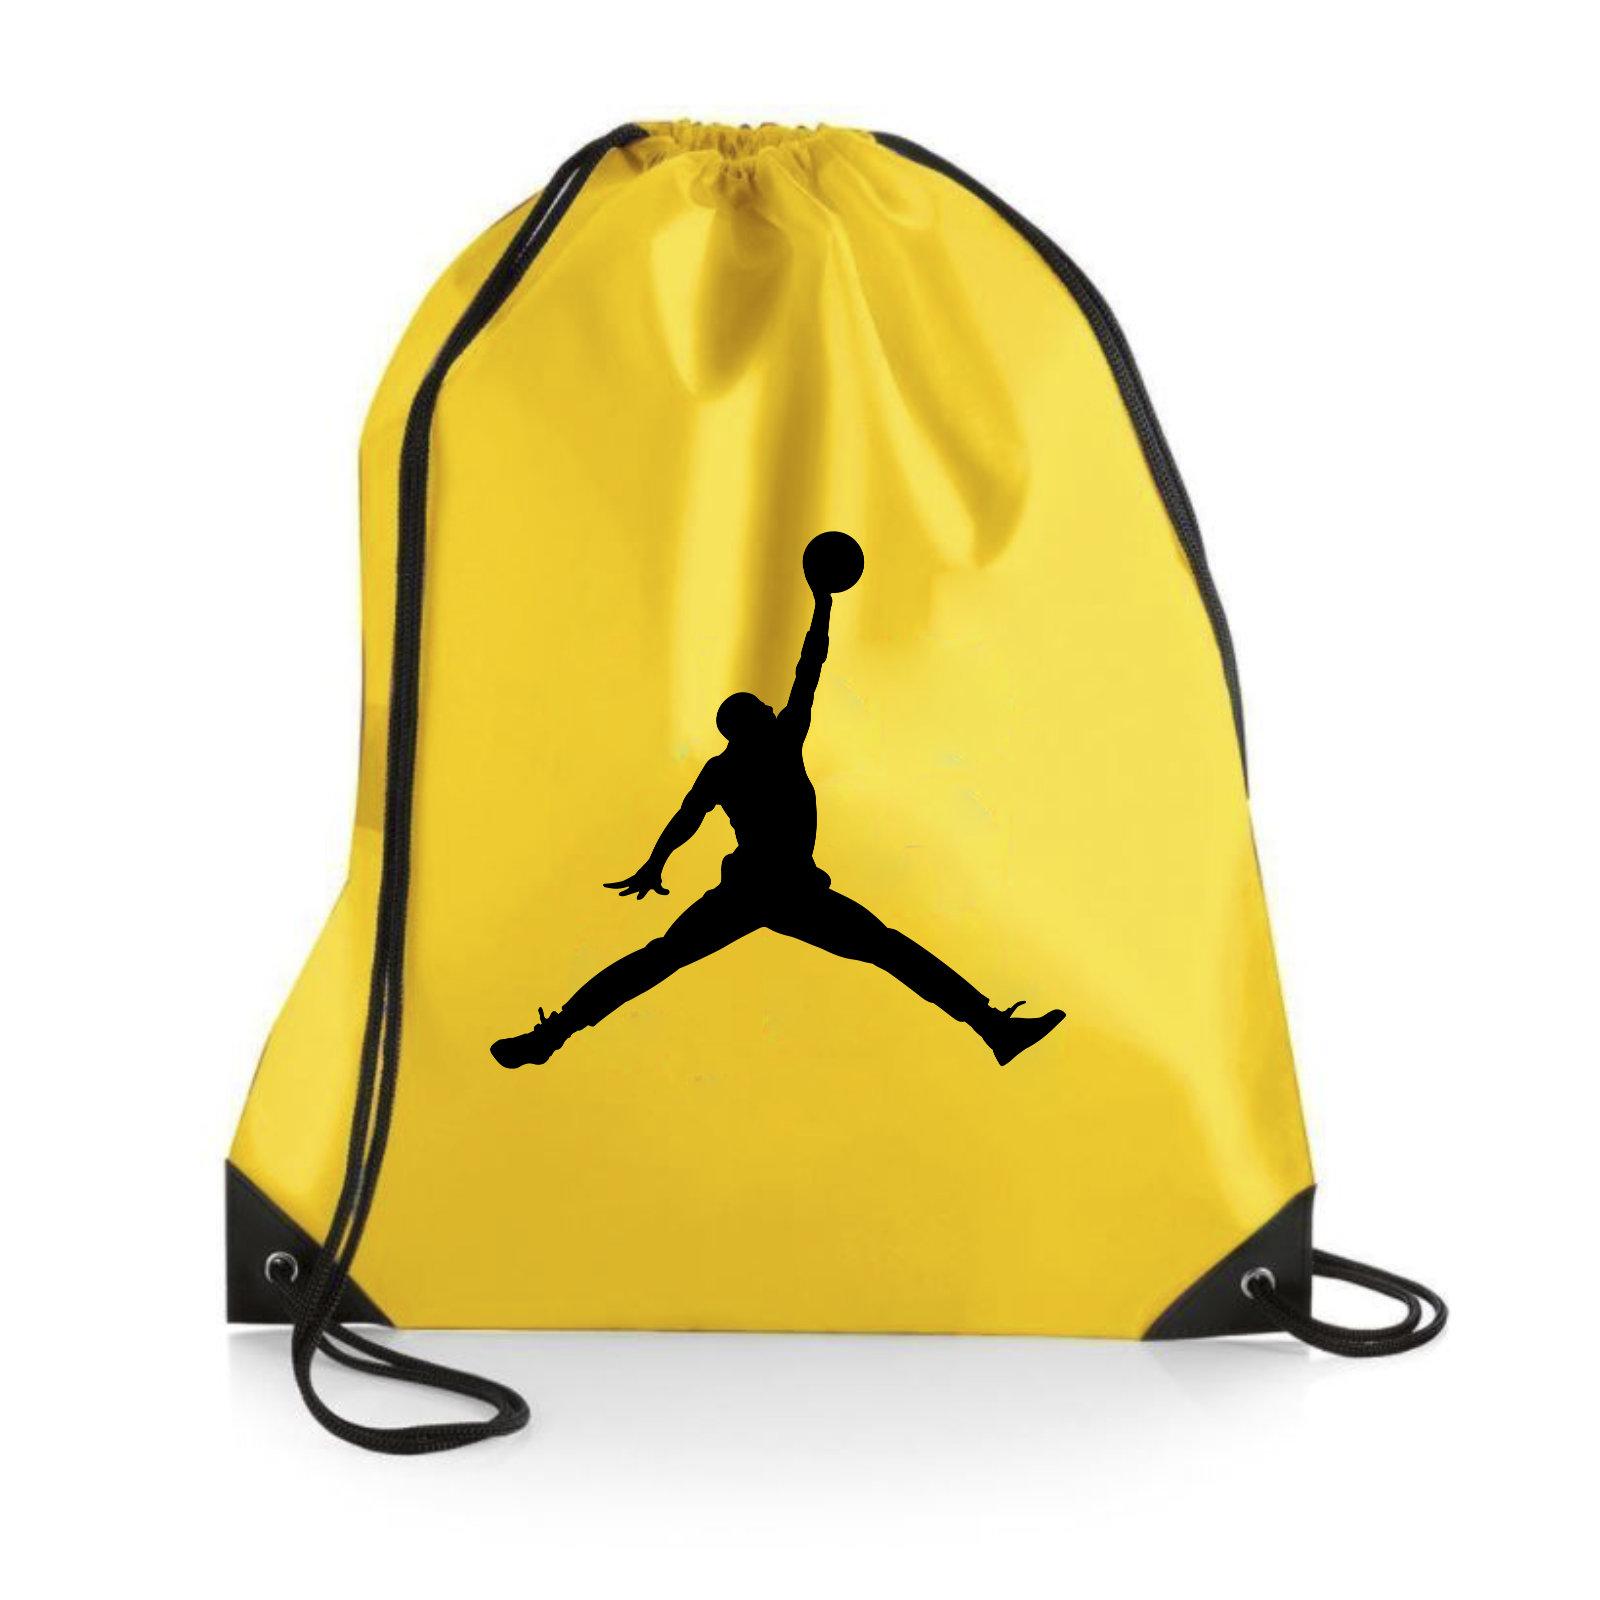 sacchette personalizzate